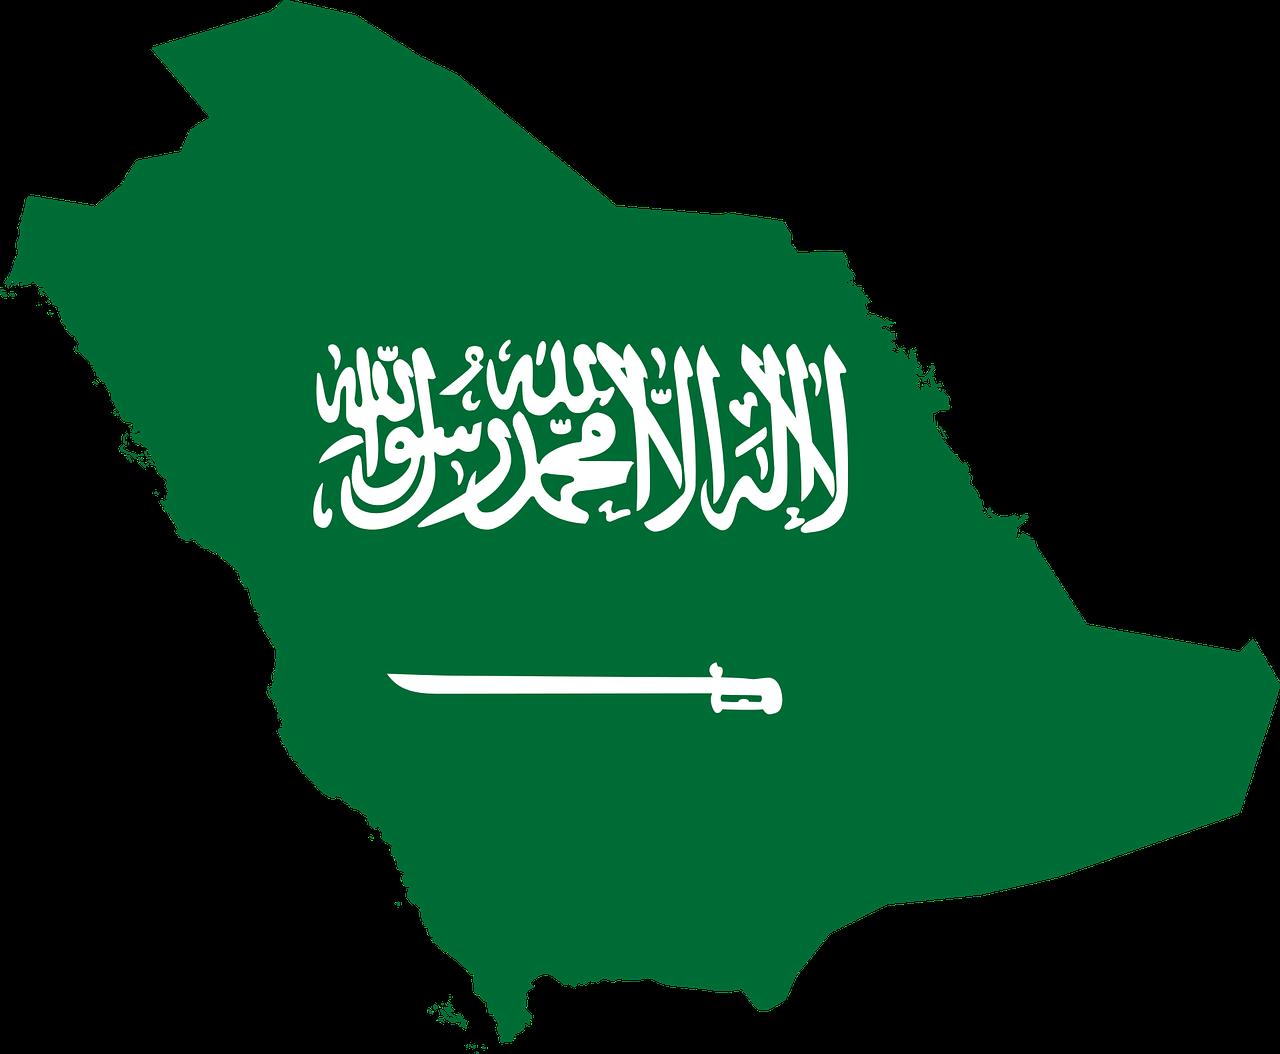 تصميم معالم مدينة الرياض مميزه واكثر من رائعة ملف مفتوح Riyadh Saudi Arabia Vector Illustration Saudi Arabia